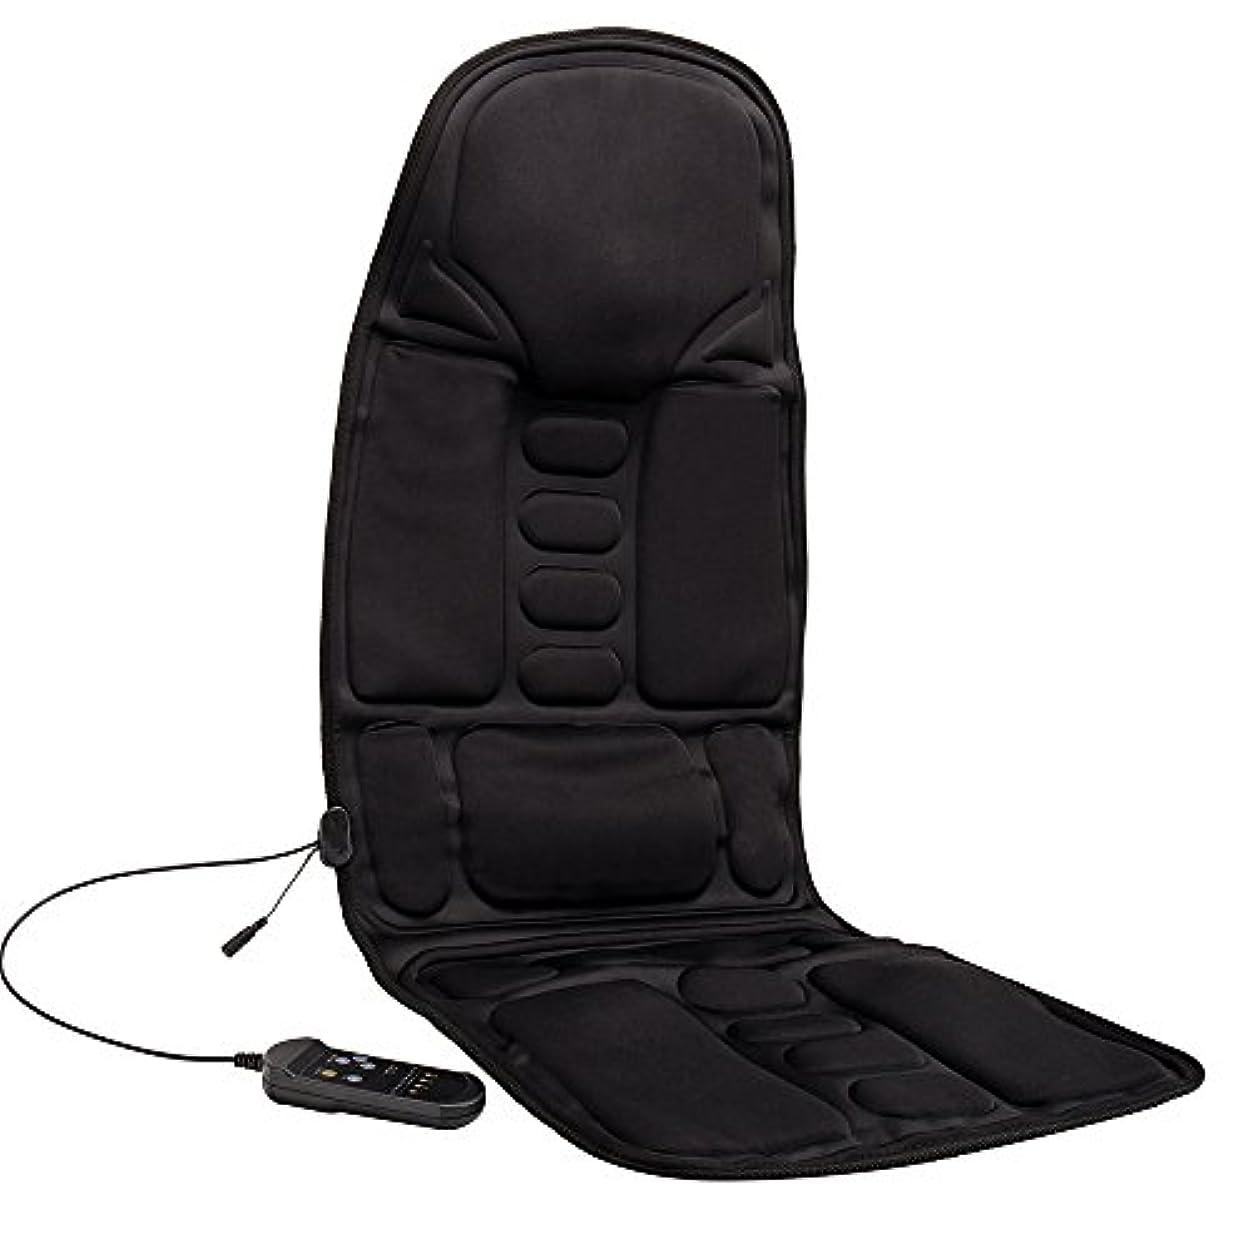 意図的一晩なだめるKindness マッサージシート ヒーター搭載 高品質PUレザー製 どこでもマッサージャー オフィス 旅行 ホーム 車シート ギフト ブラック